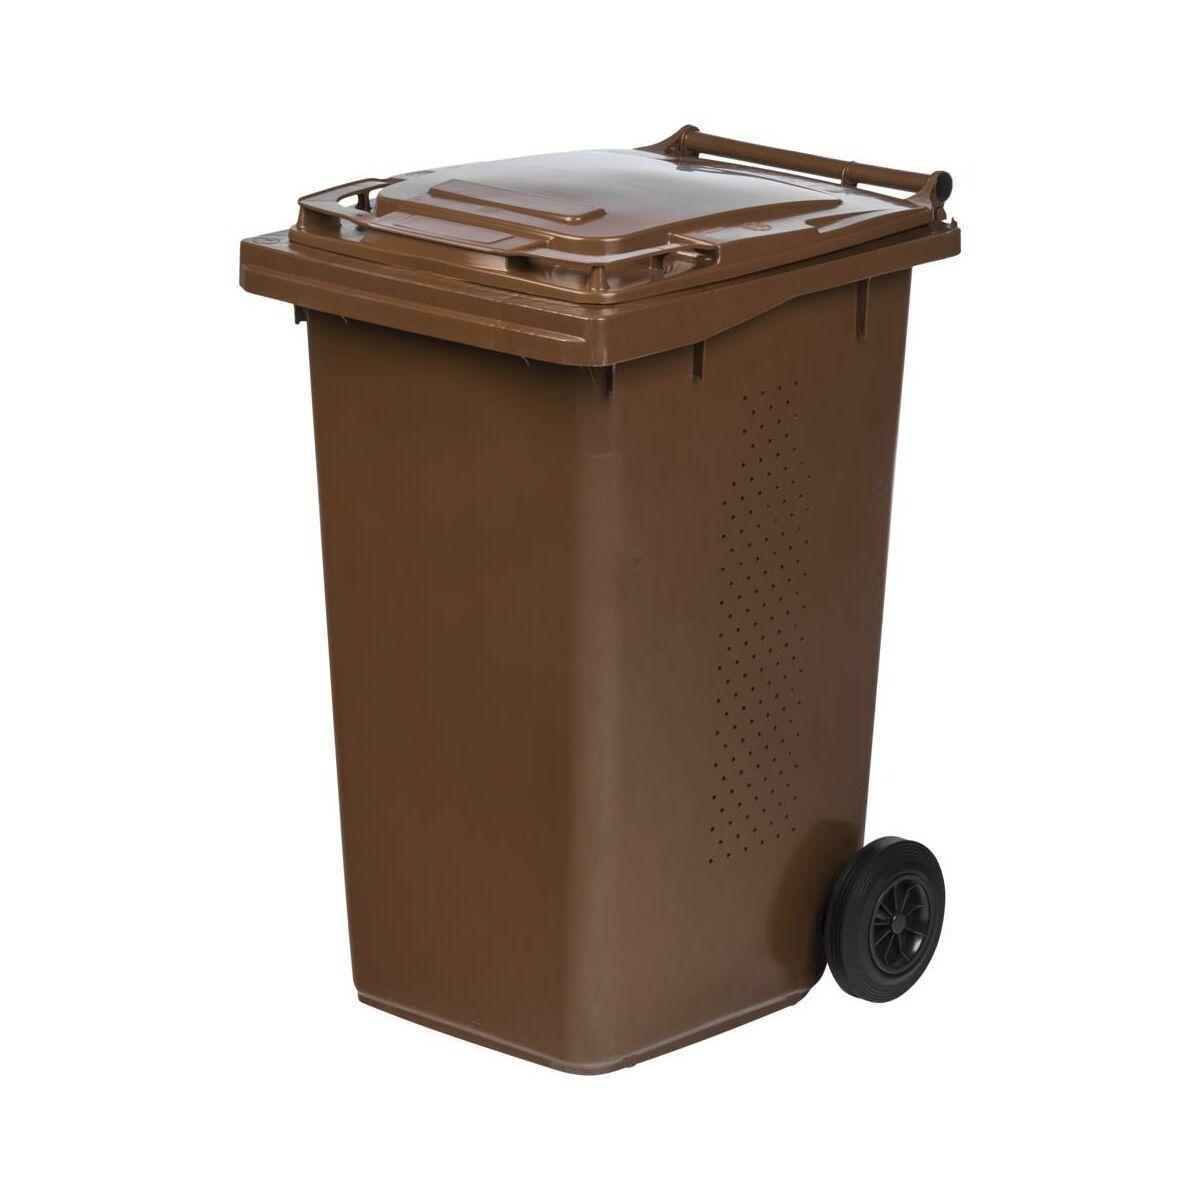 Pojemnik Na Odpady Biodegradowalne Mgb Bio 240l Brazowy Ese Kosze Na Smieci Pojemniki Na Odpady W Atrakcyjnej Cenie W Sklepach Leroy Merlin